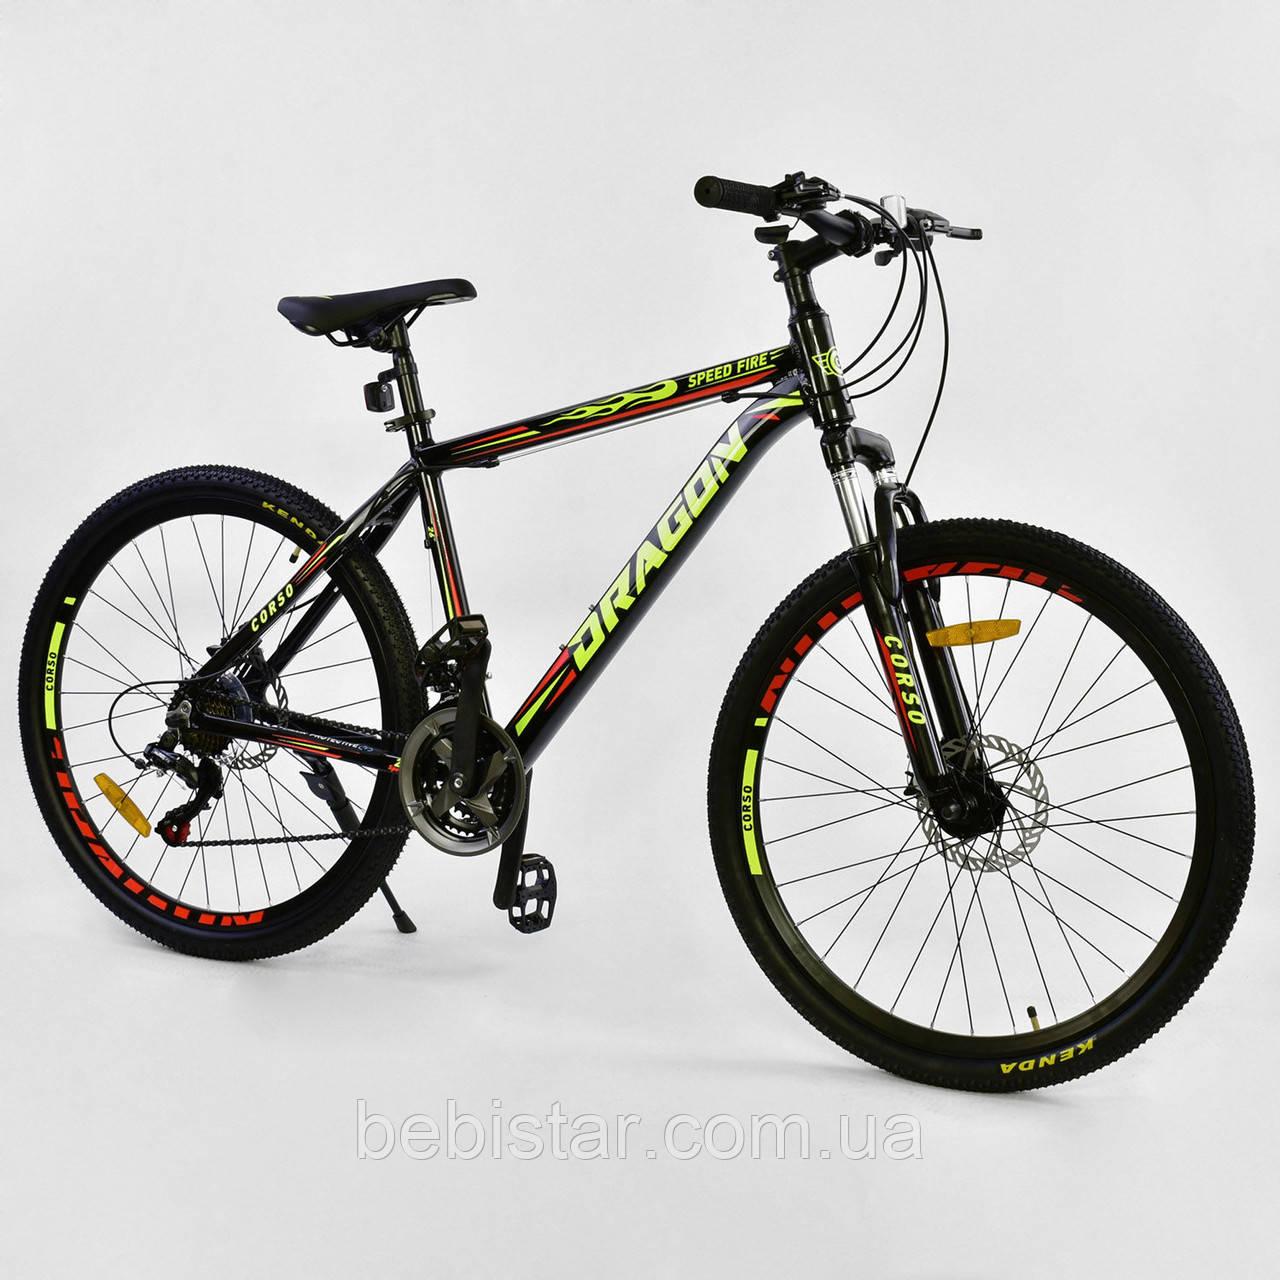 Спортивный велосипед черный с желтым CORSO DRAGON 26 дюймов 21 скорость алюминиевая рама 17дюймов